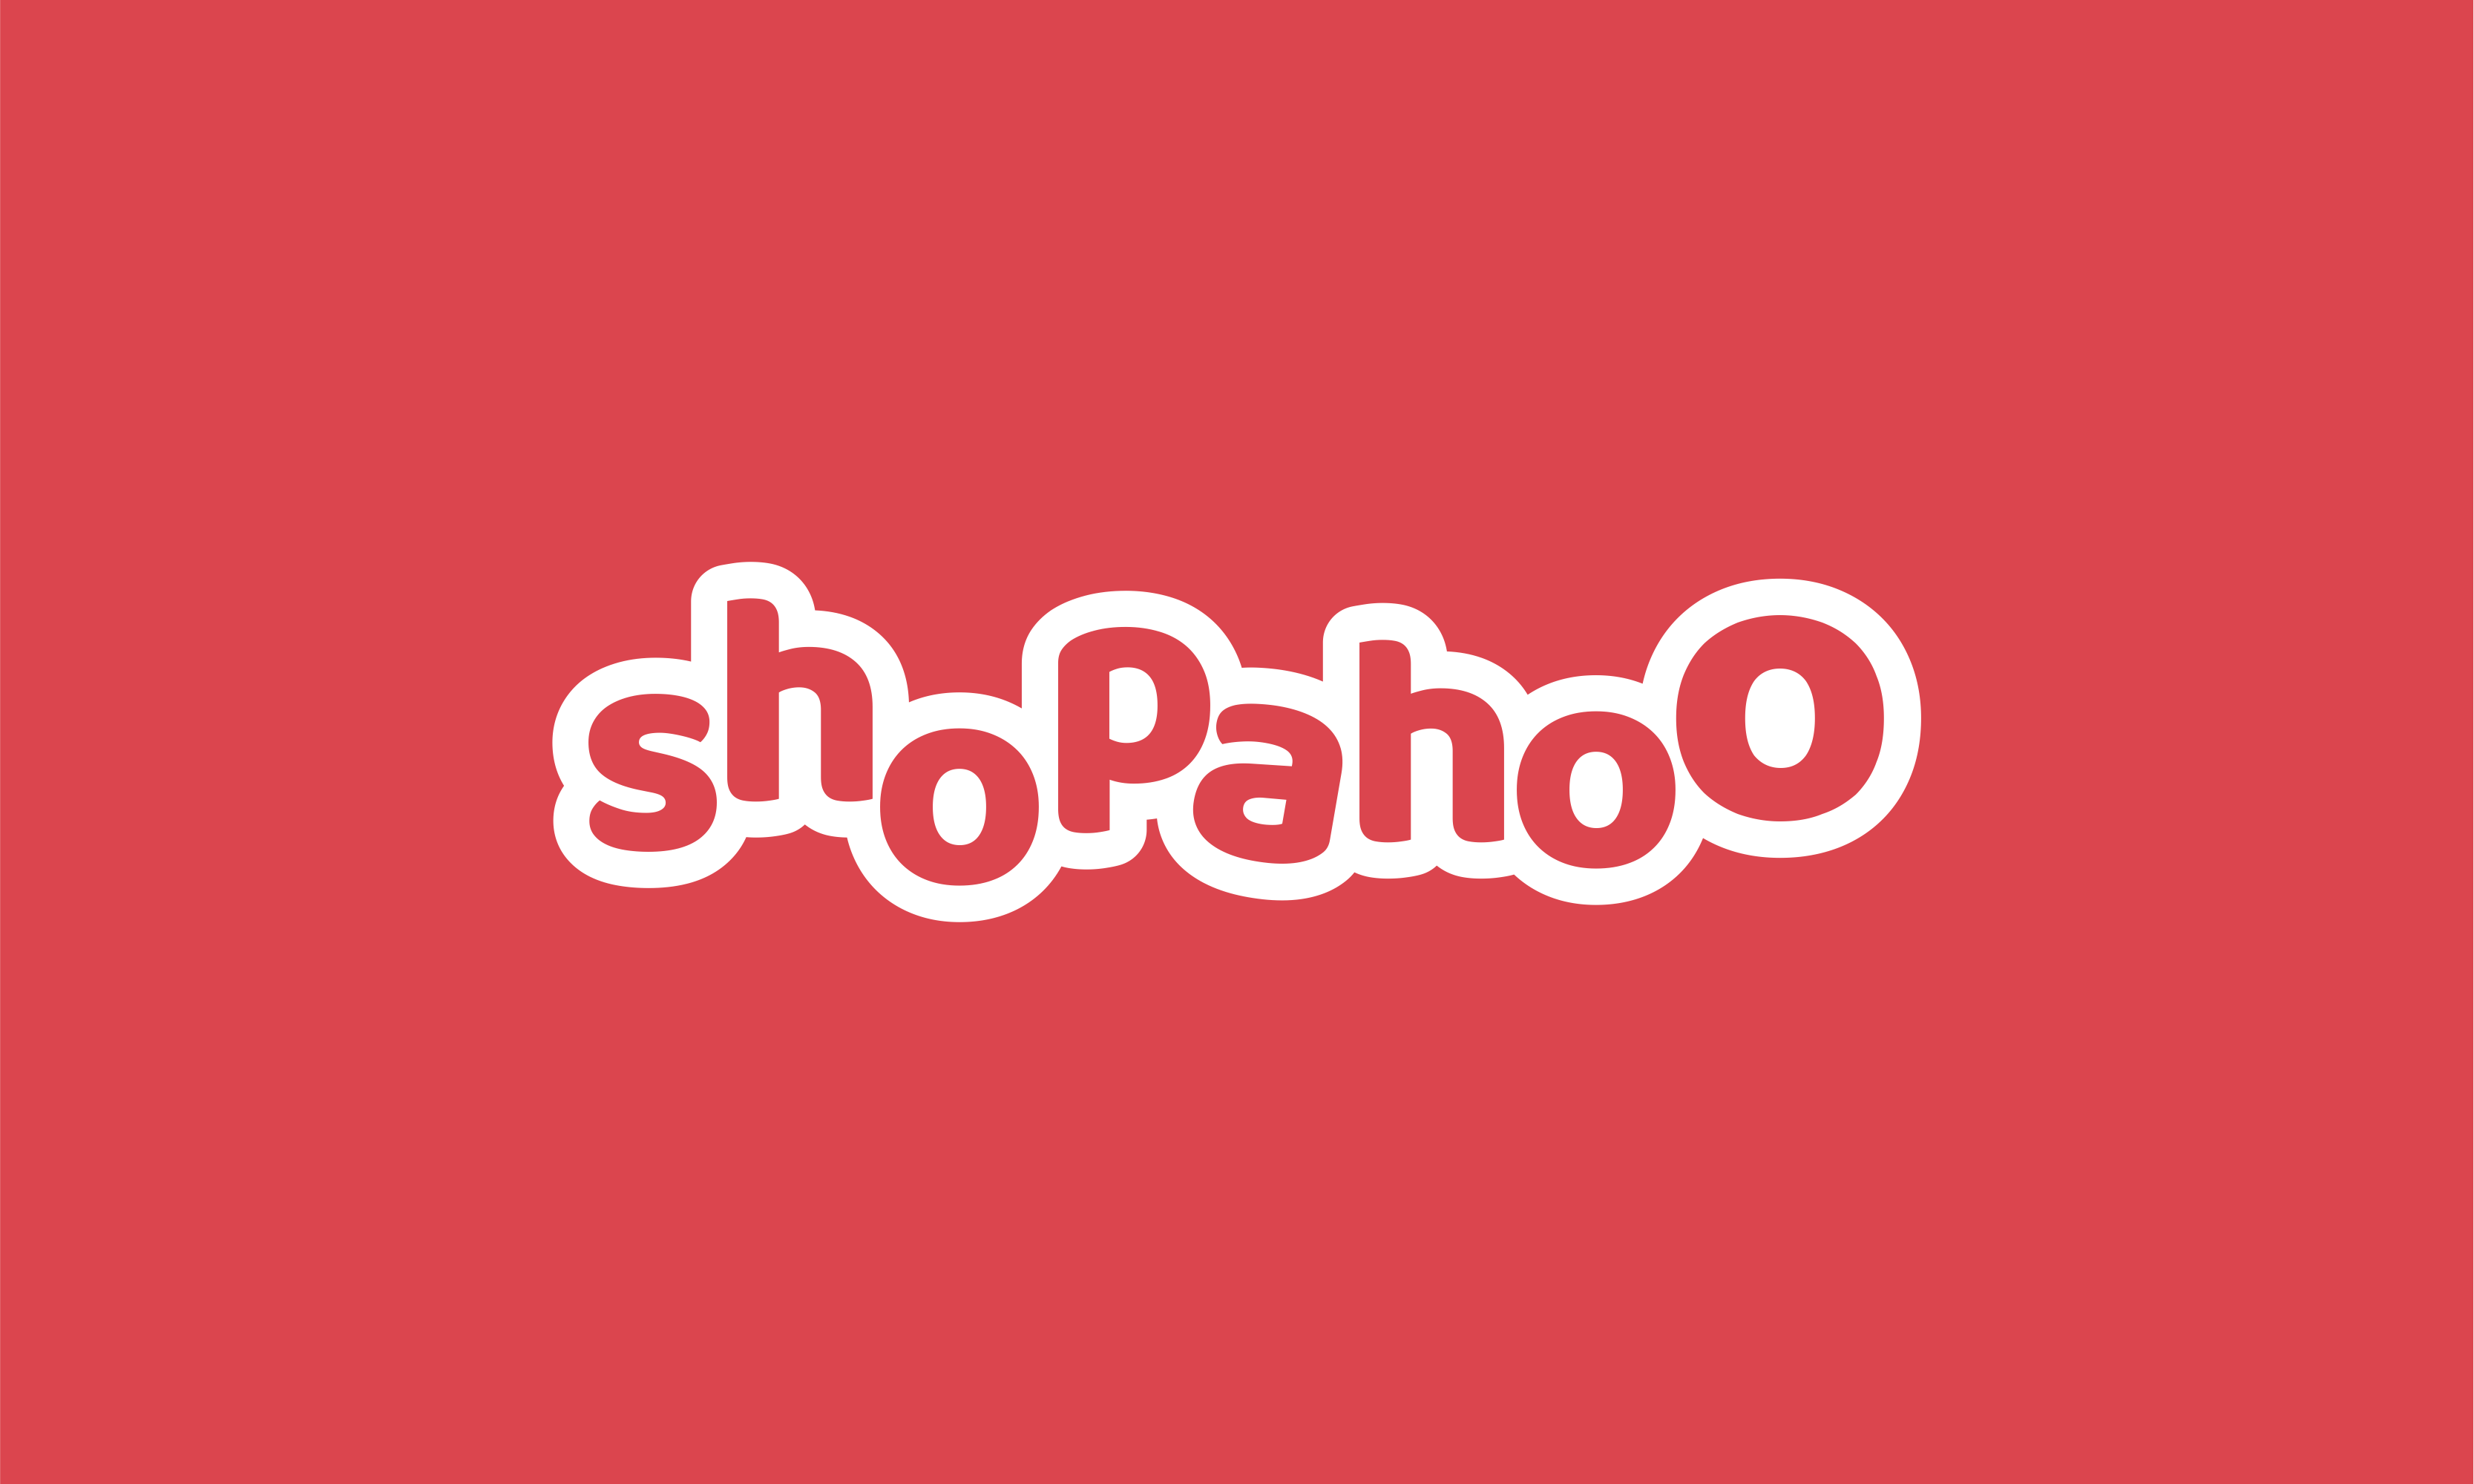 Shopahoo